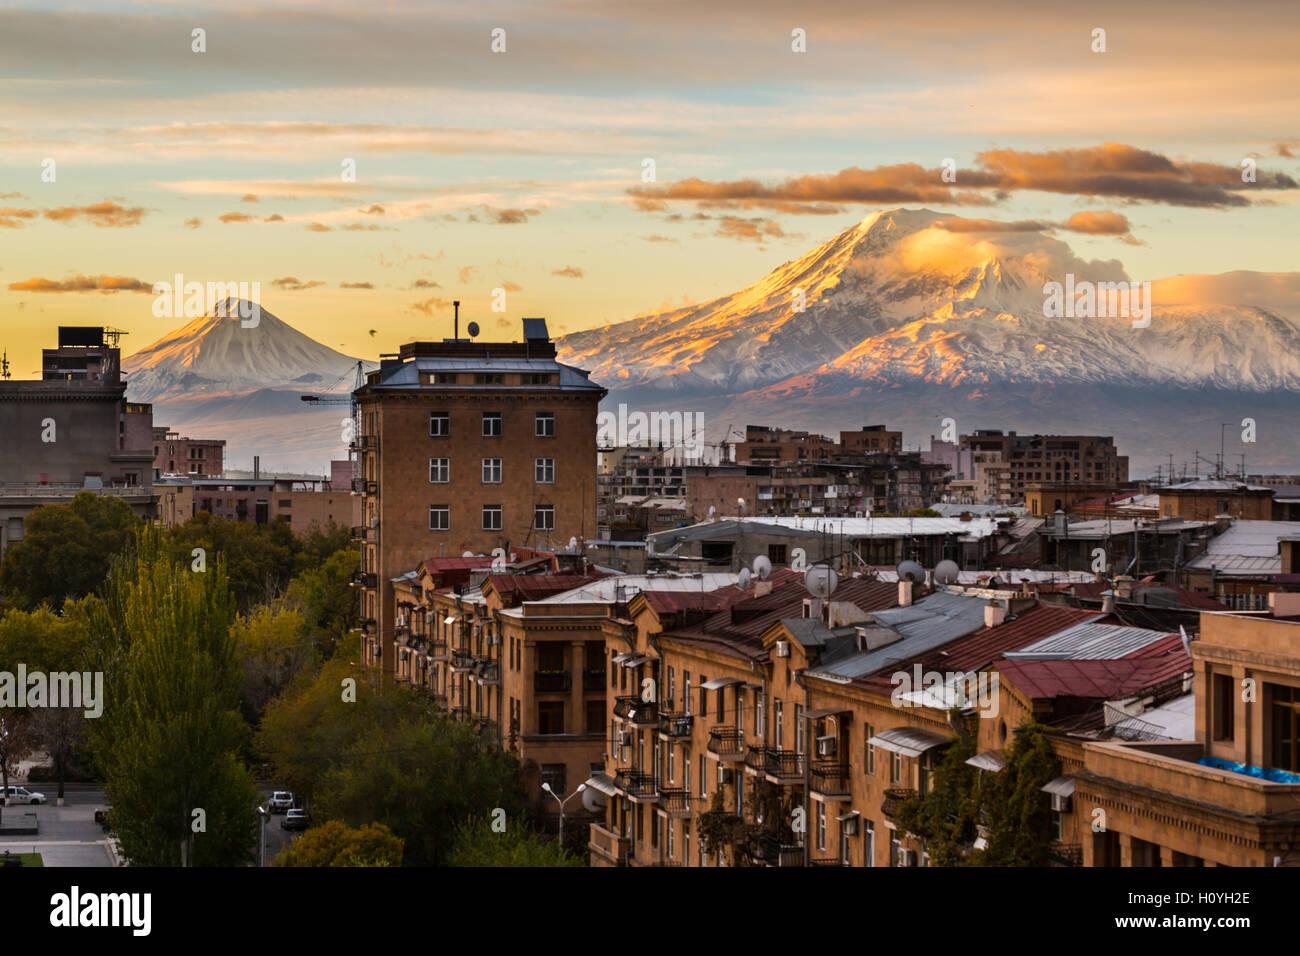 Die Hauptstadt Von Armenien Eriwan Blick Vom Cascade Mit Majestatischen Berg Ararat Stockfotografie Alamy